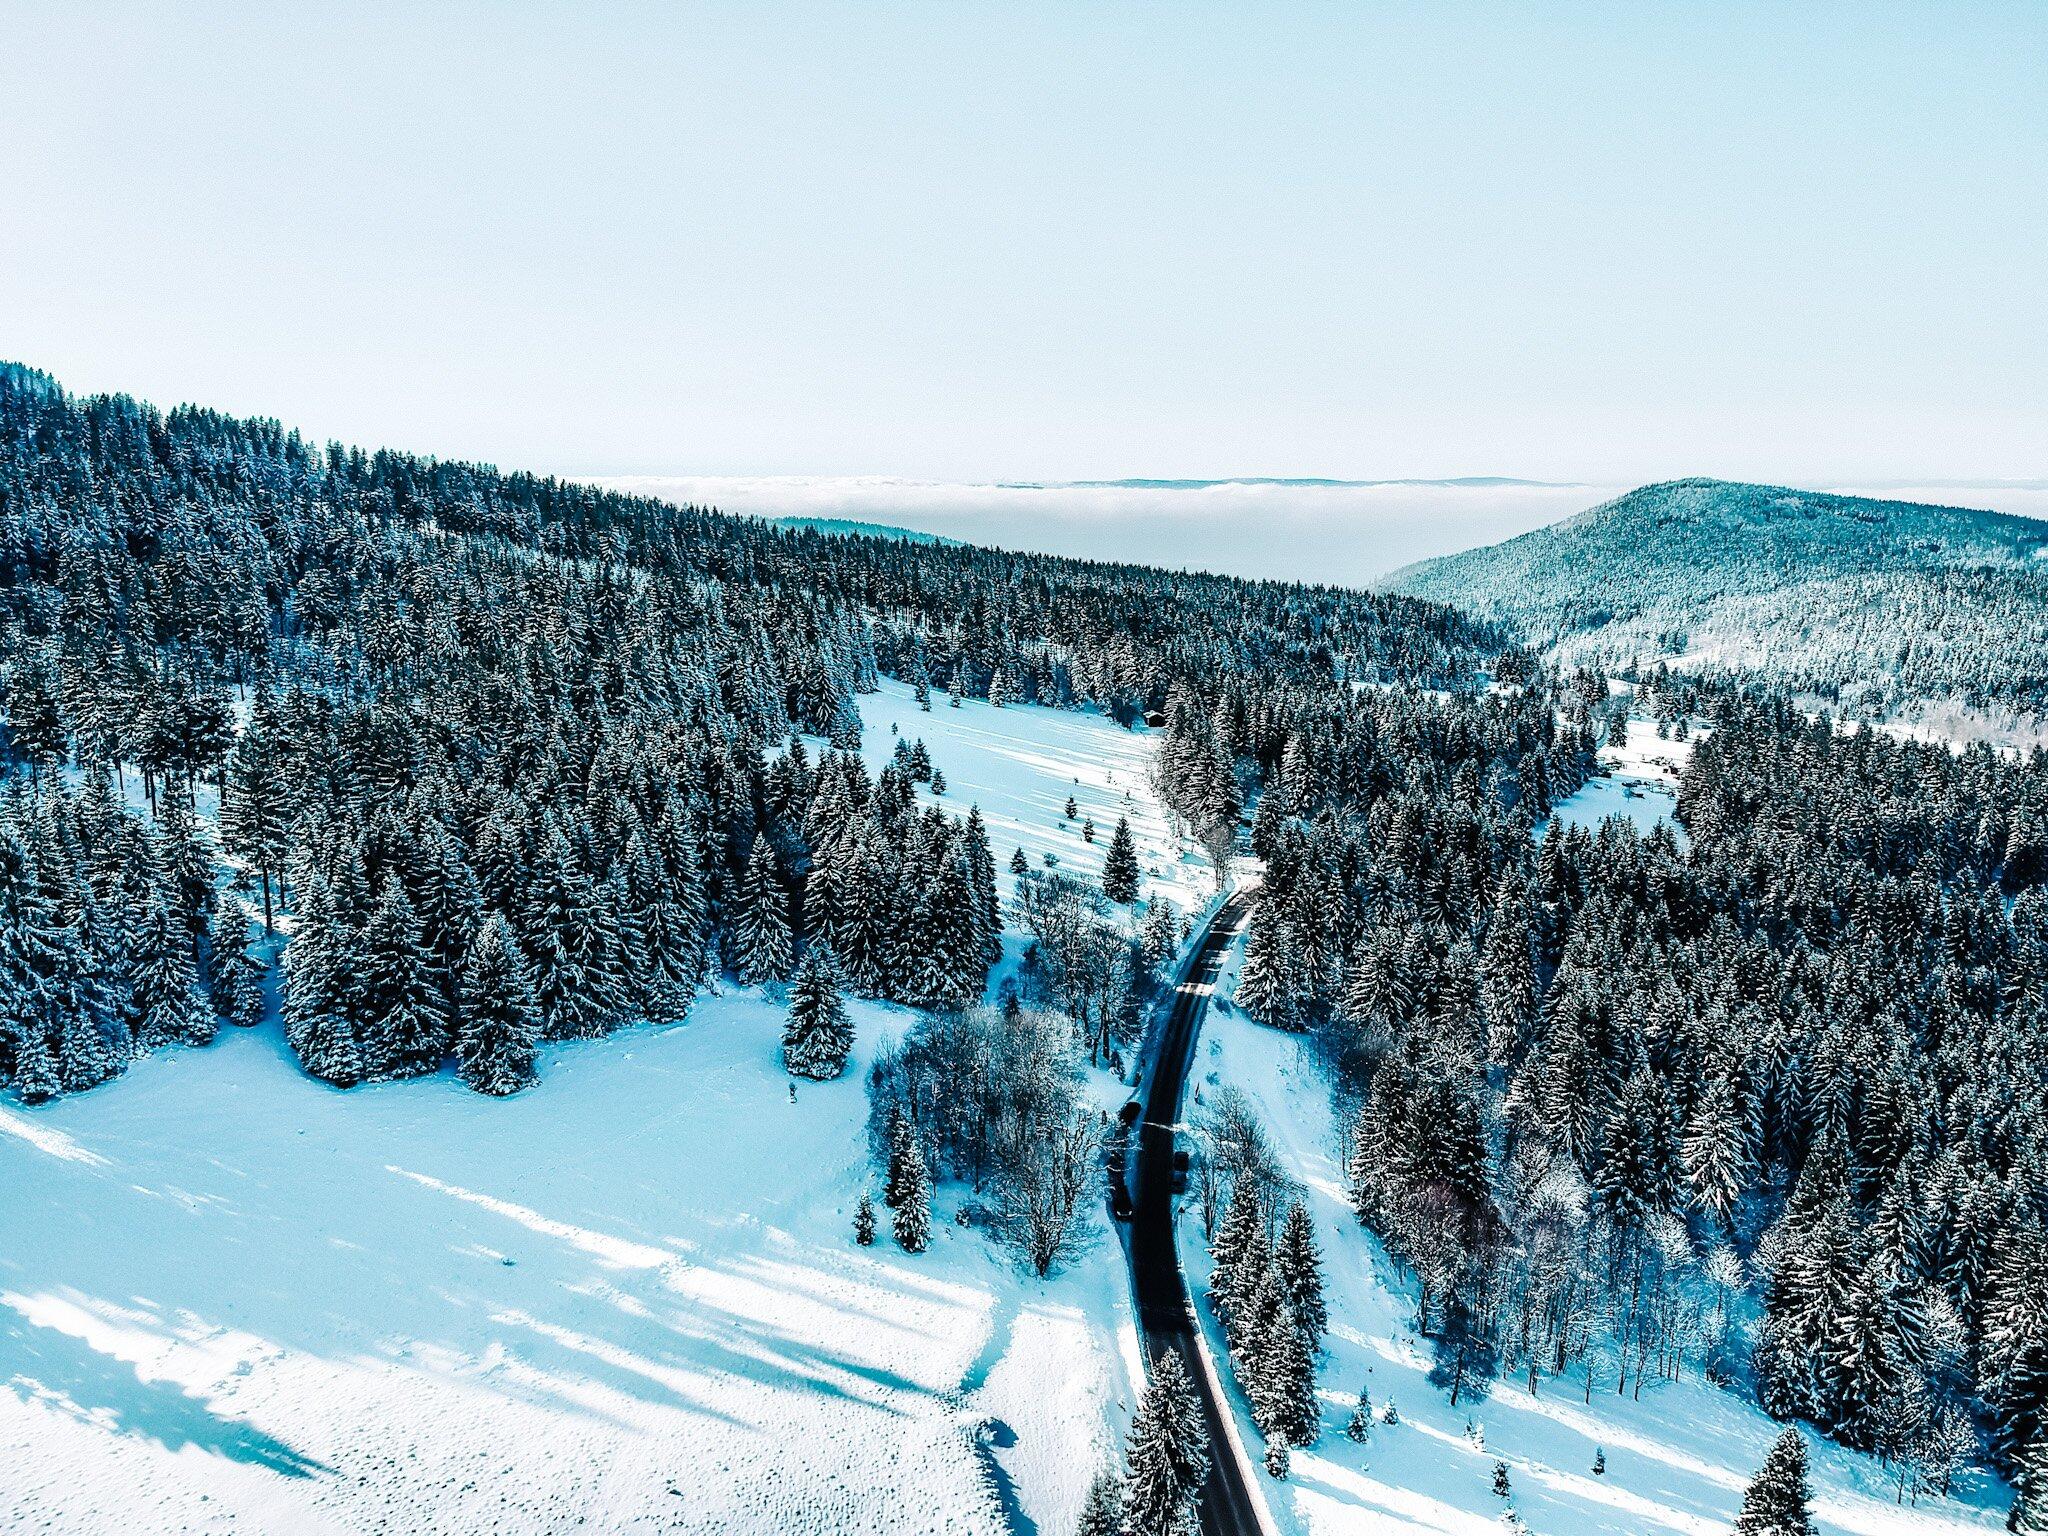 Jak przygotować się na wycieczkę w góry? Lista niezbędników do zabrania na szlak